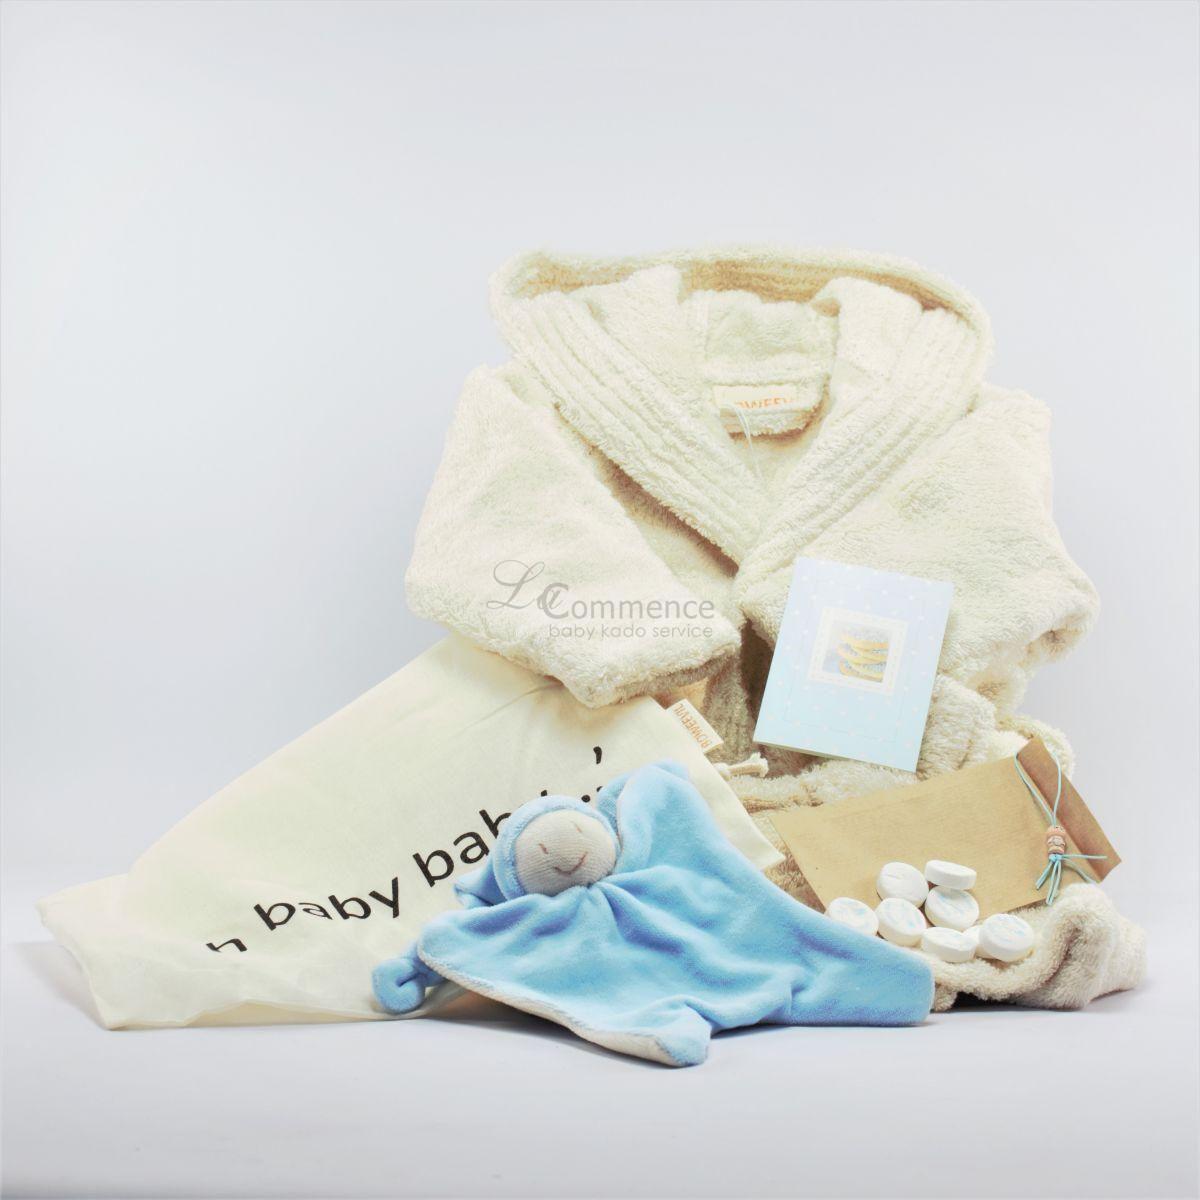 duurzaam babypakket rozemarijn